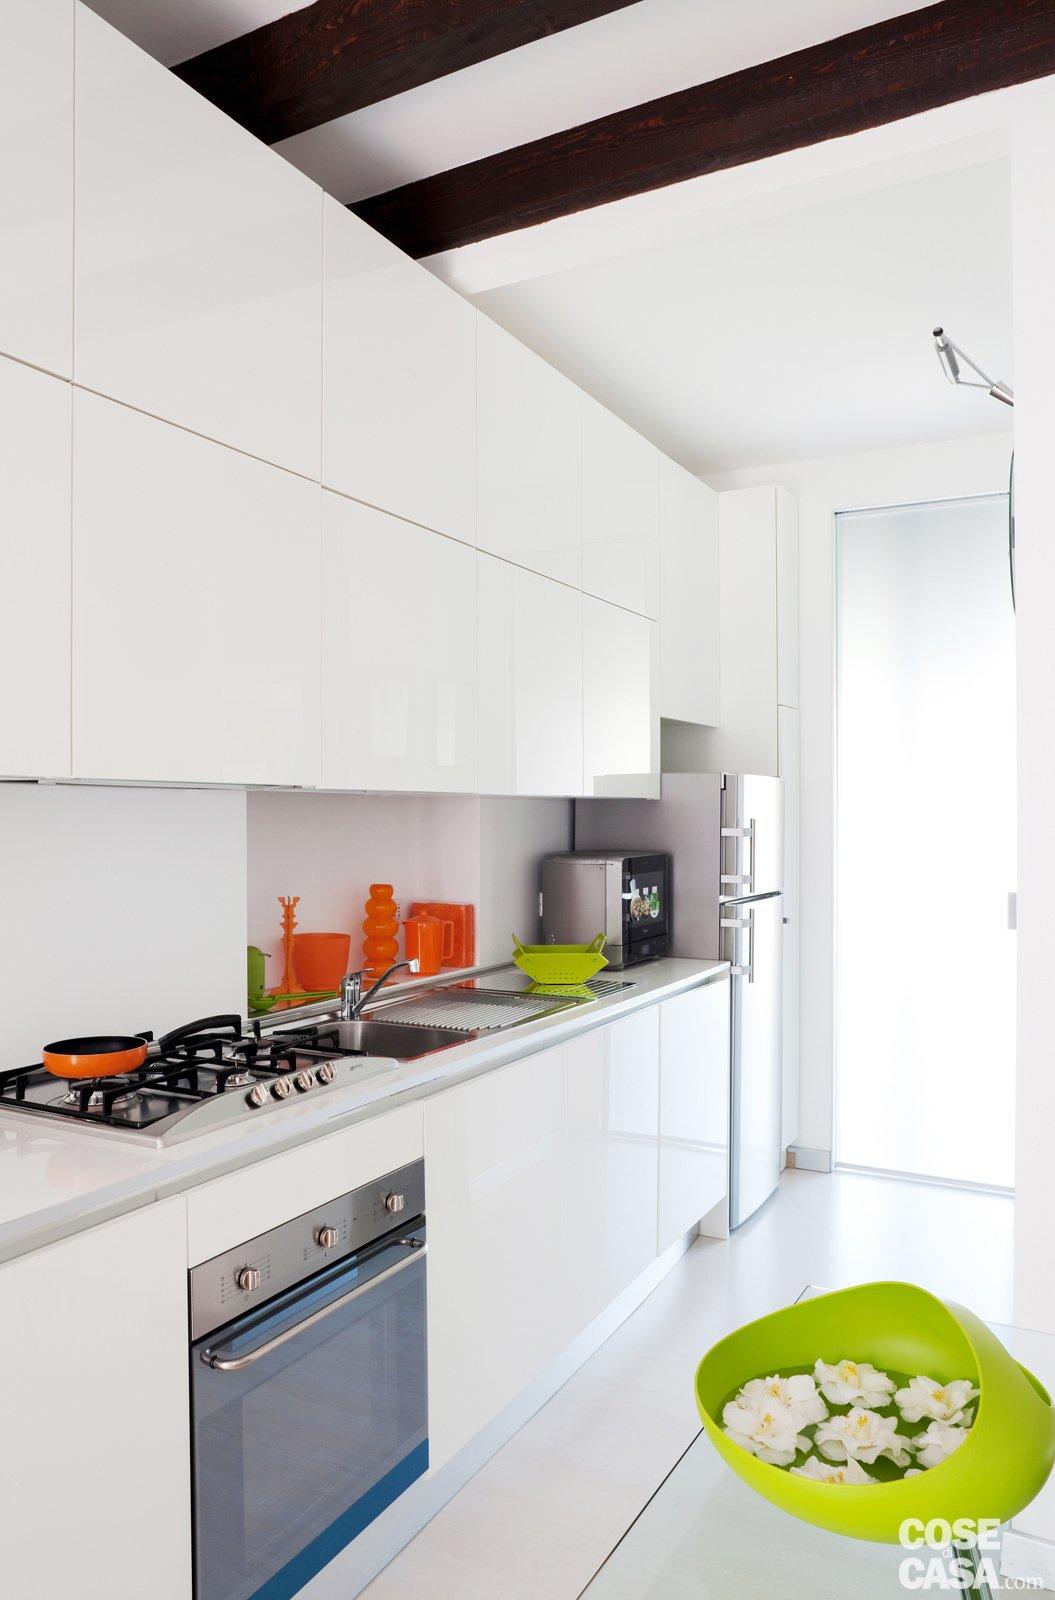 Una casa di 35 mq sfruttati al massimo cose di casa for Programma per arredare cucina